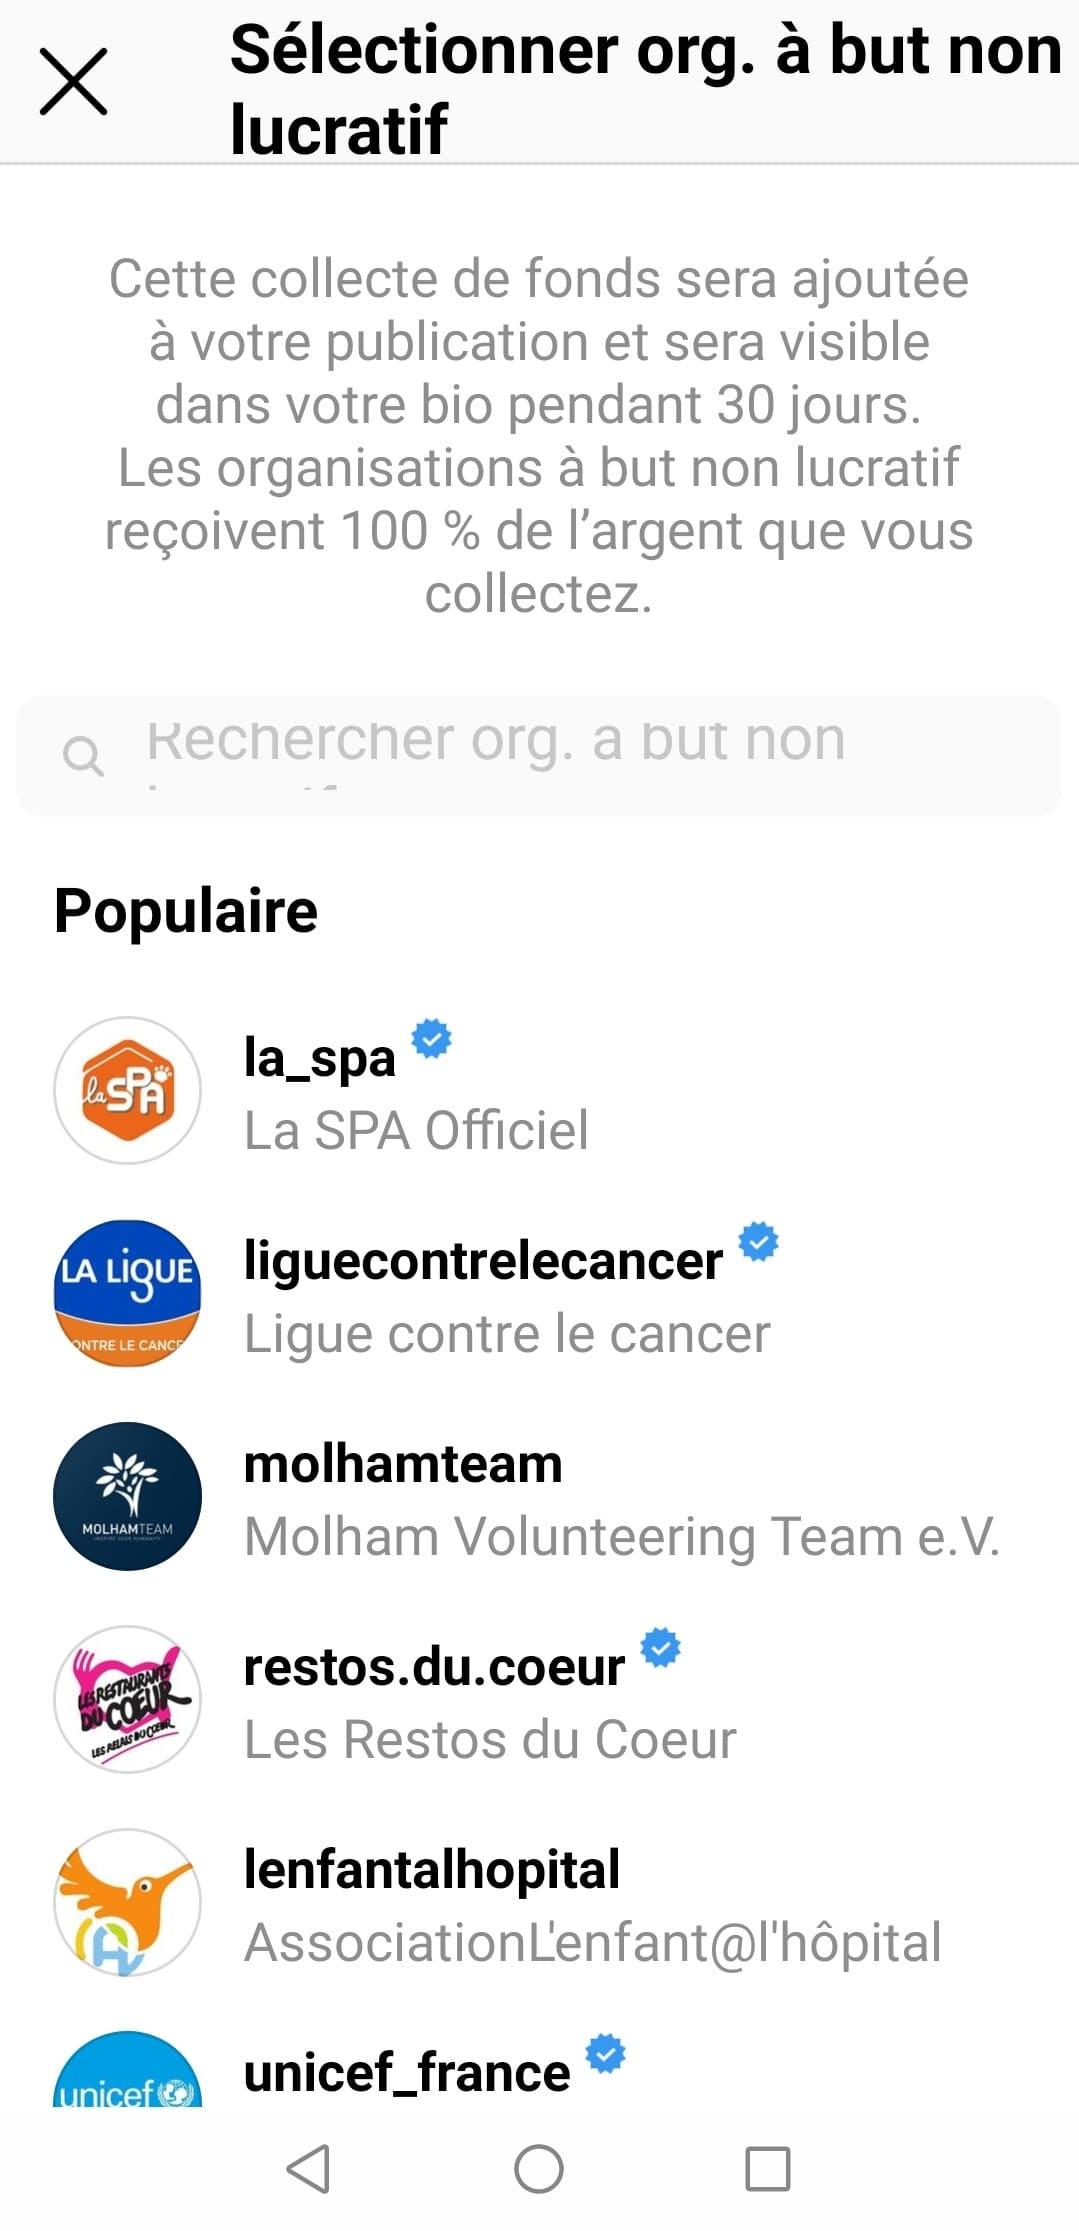 Ajouter une collecte de fonds sur instagram - etape 2